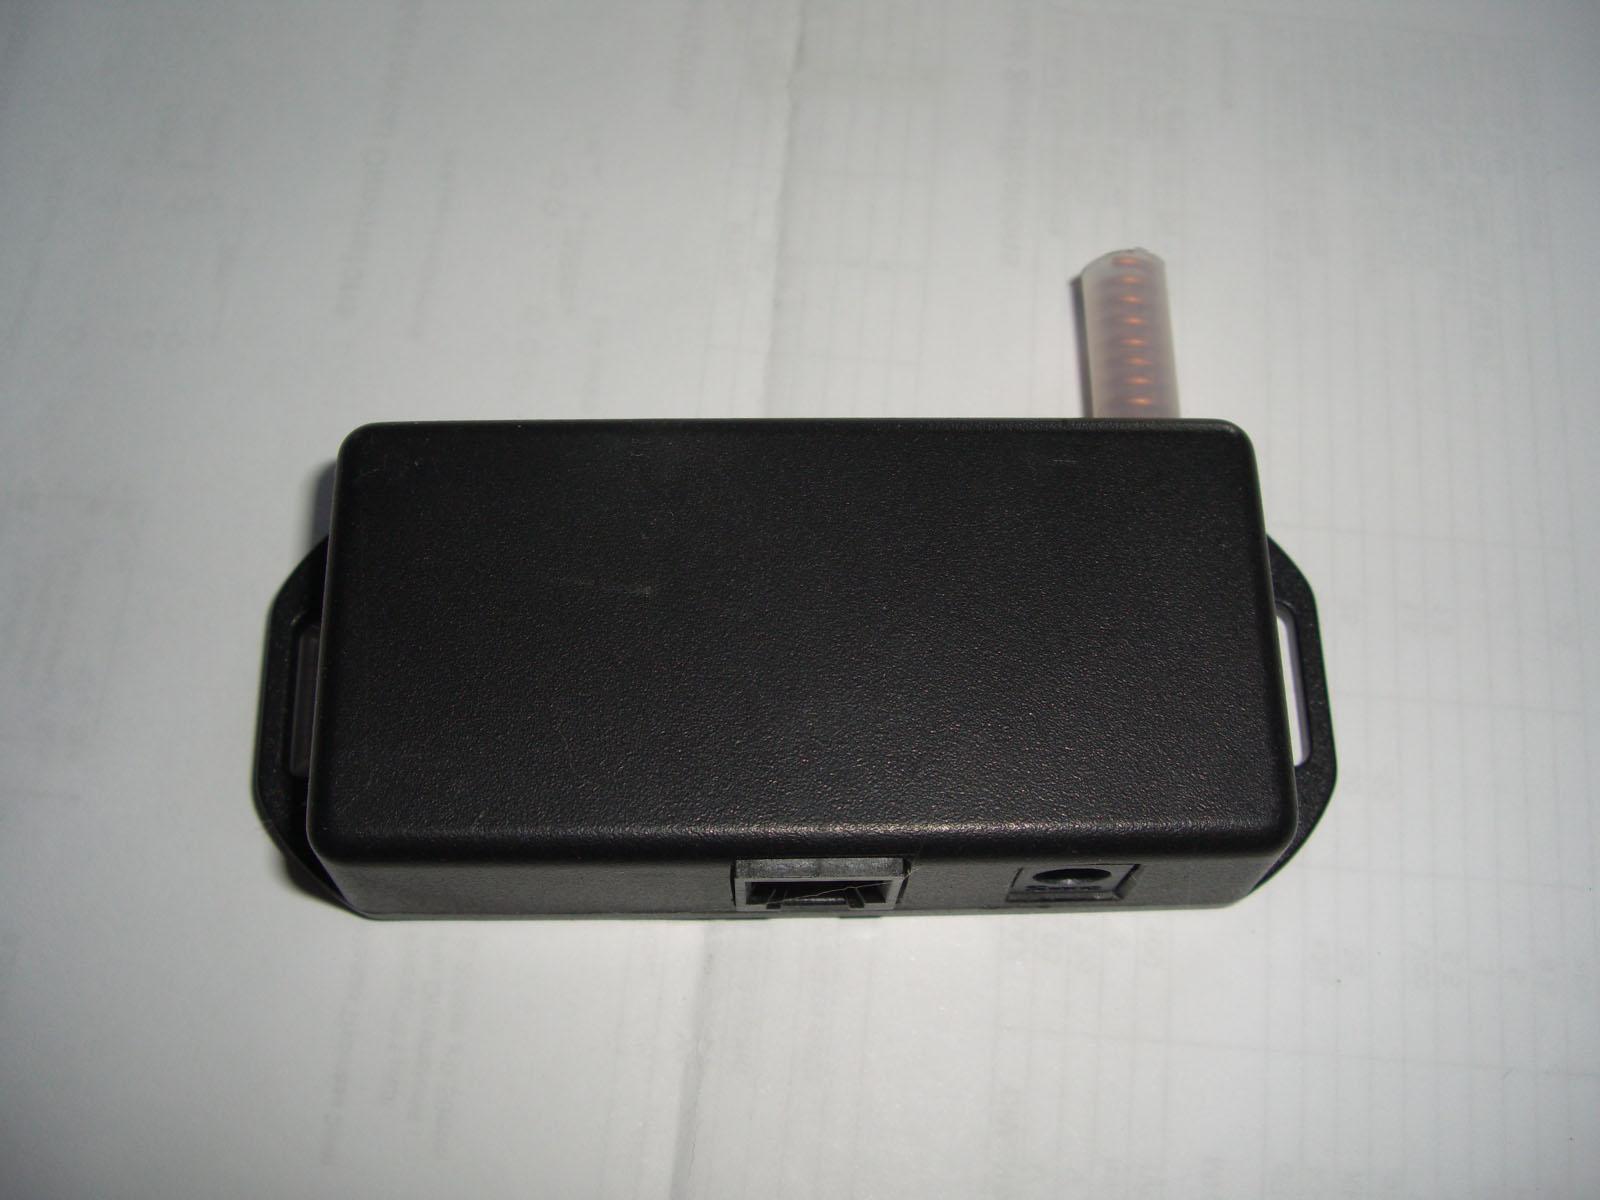 Modifiche per invio dati ogni 8 sec. wireless nelle LaCrosse cablabili-cimg0166.jpg